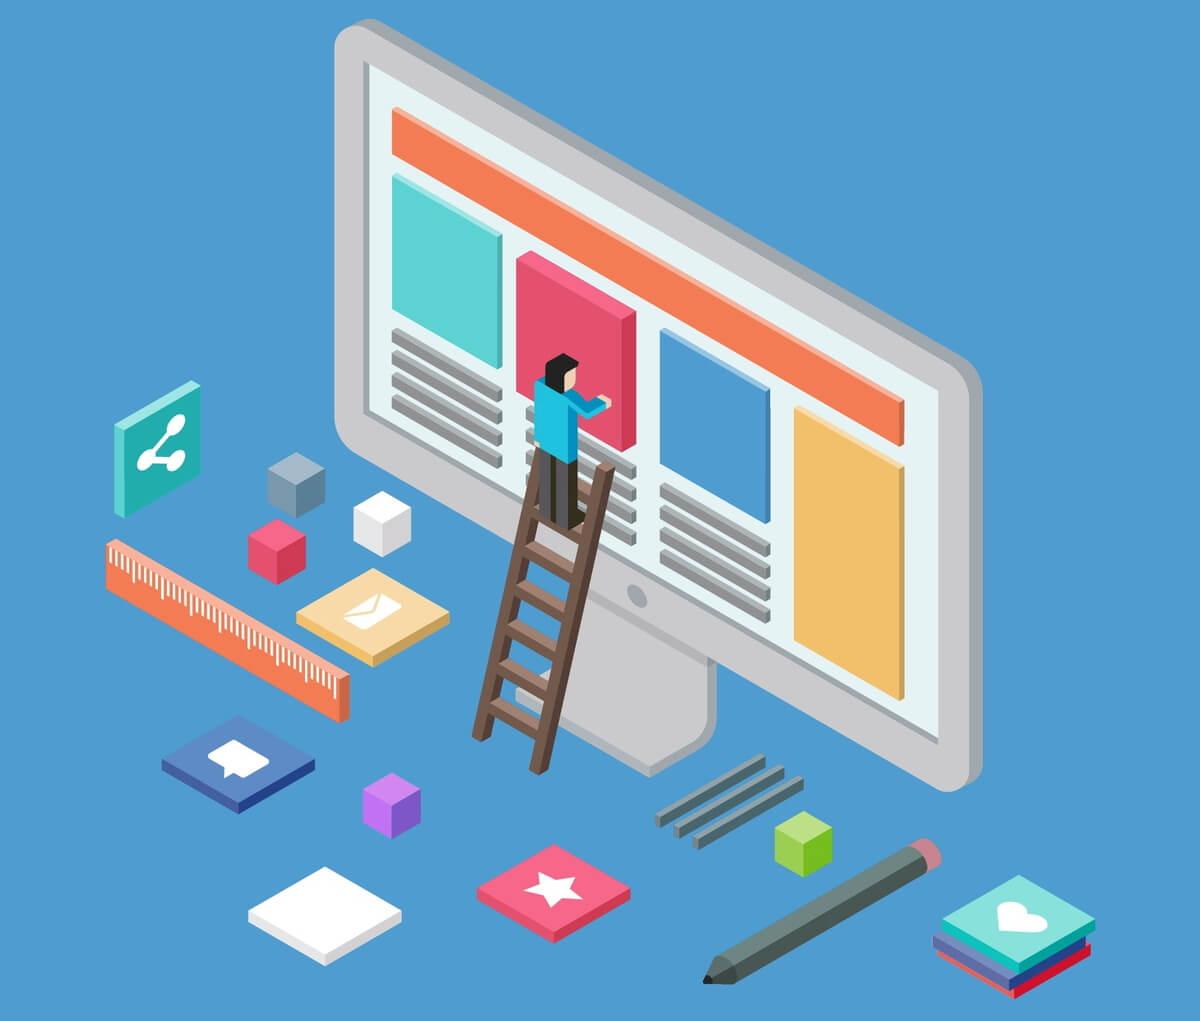 Interfaz de usuario - Experiencia de usuario - iMaat, Agencia de Marketing Digital